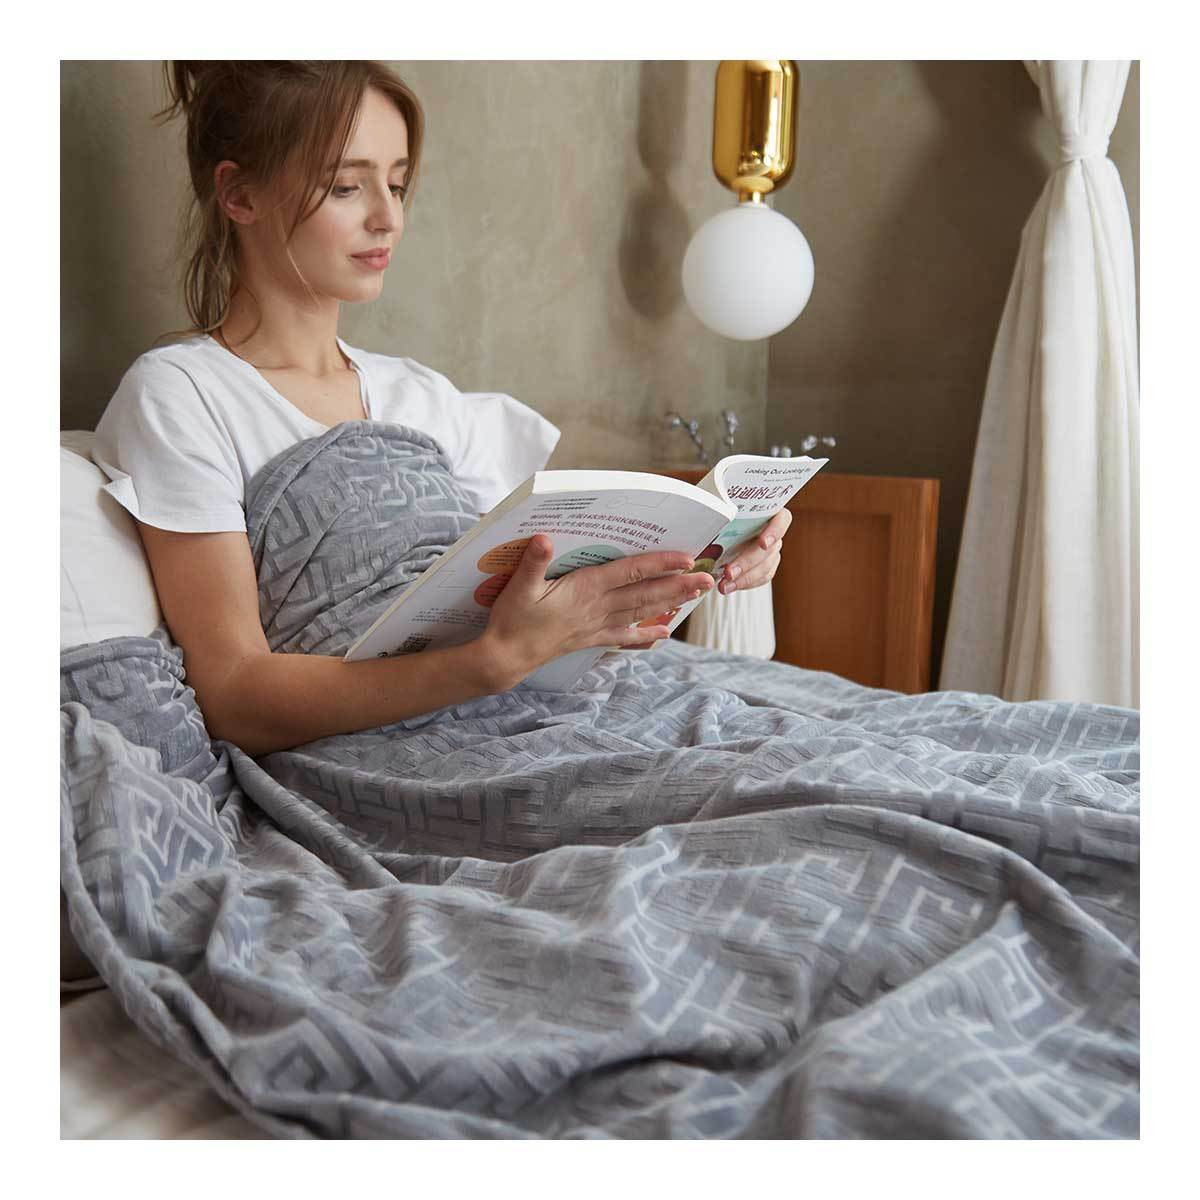 """MERRYLIFE 重力毯助眠减压毛毯 促进深度睡眠午睡毯空调毯重力被两件套  重力毯两件套 (60"""" 80"""" 20 lbs 灰色) 怎么样 - 亚米网"""